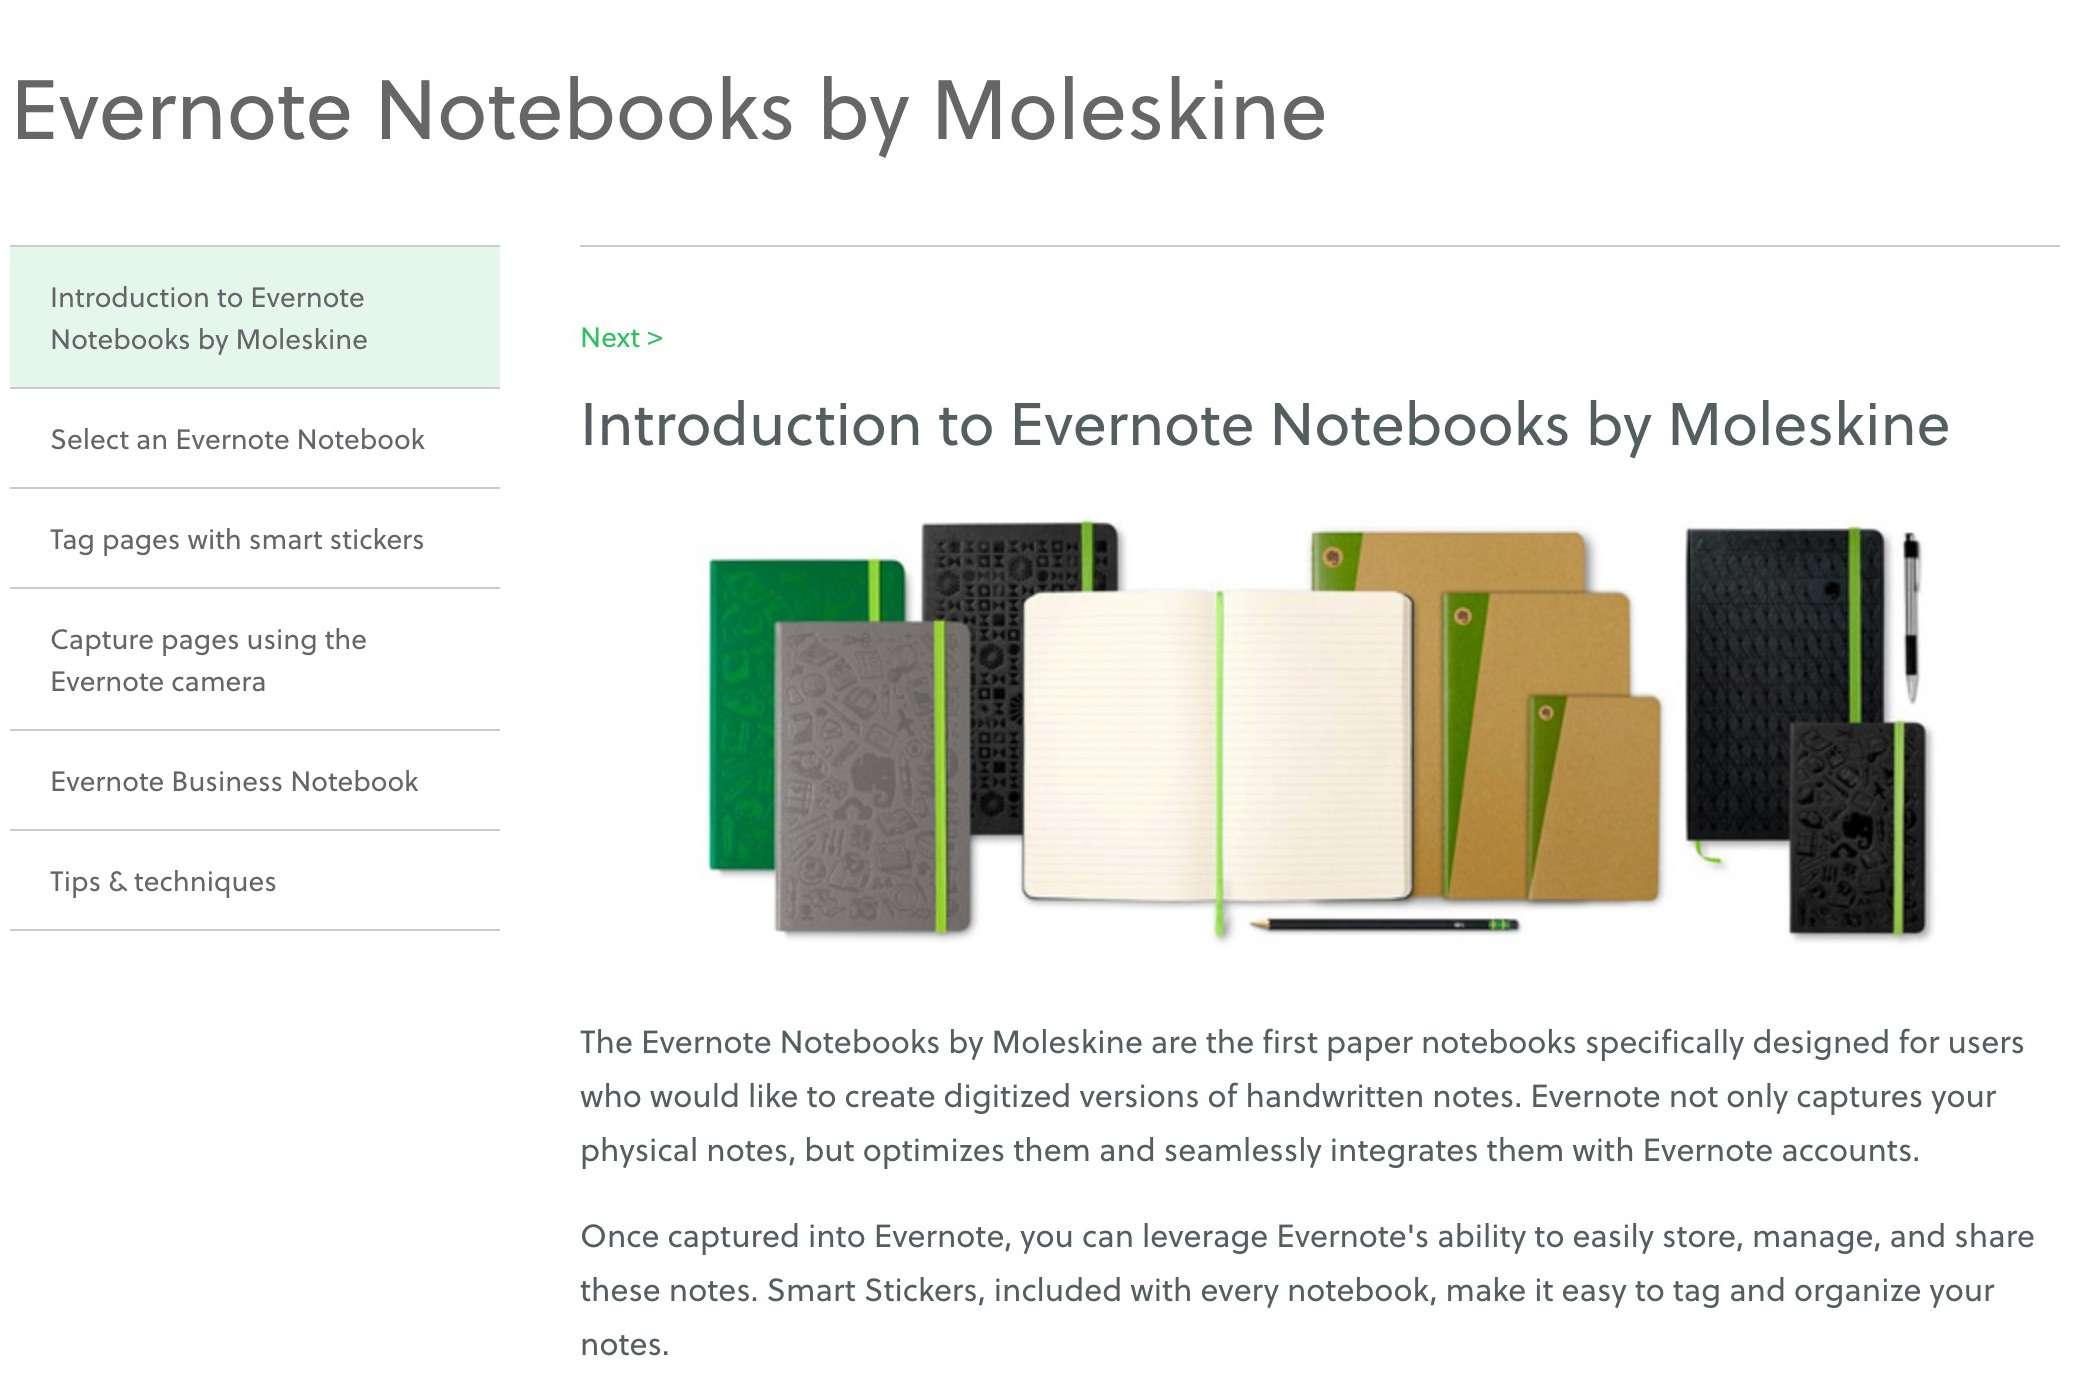 Evernote Notebooks by Moleskine